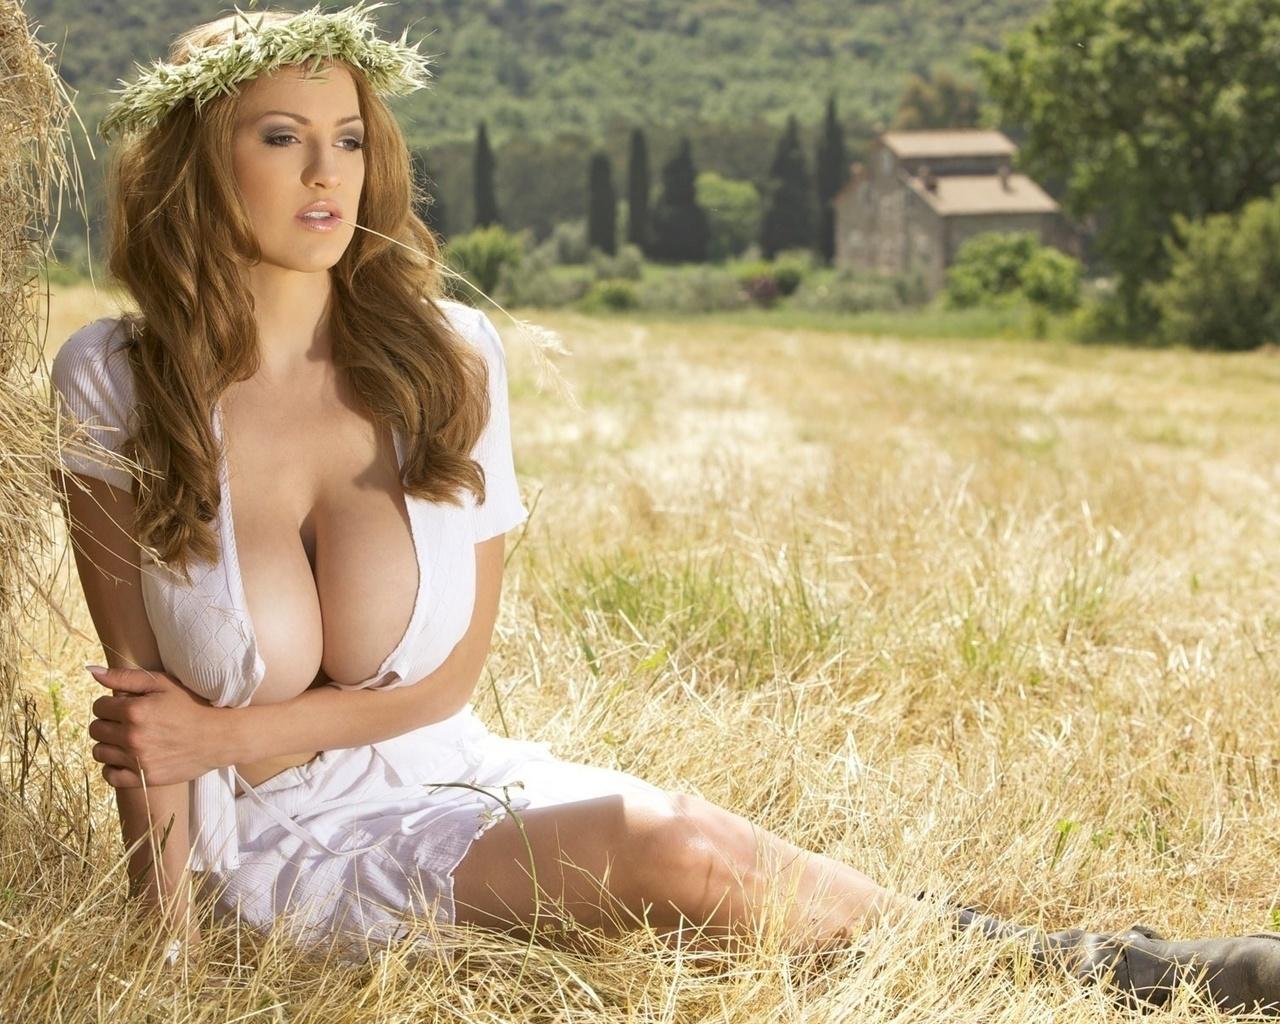 porno-erotika-foto-bolshaya-grud-v-derevne-devushka-lesbiyanka